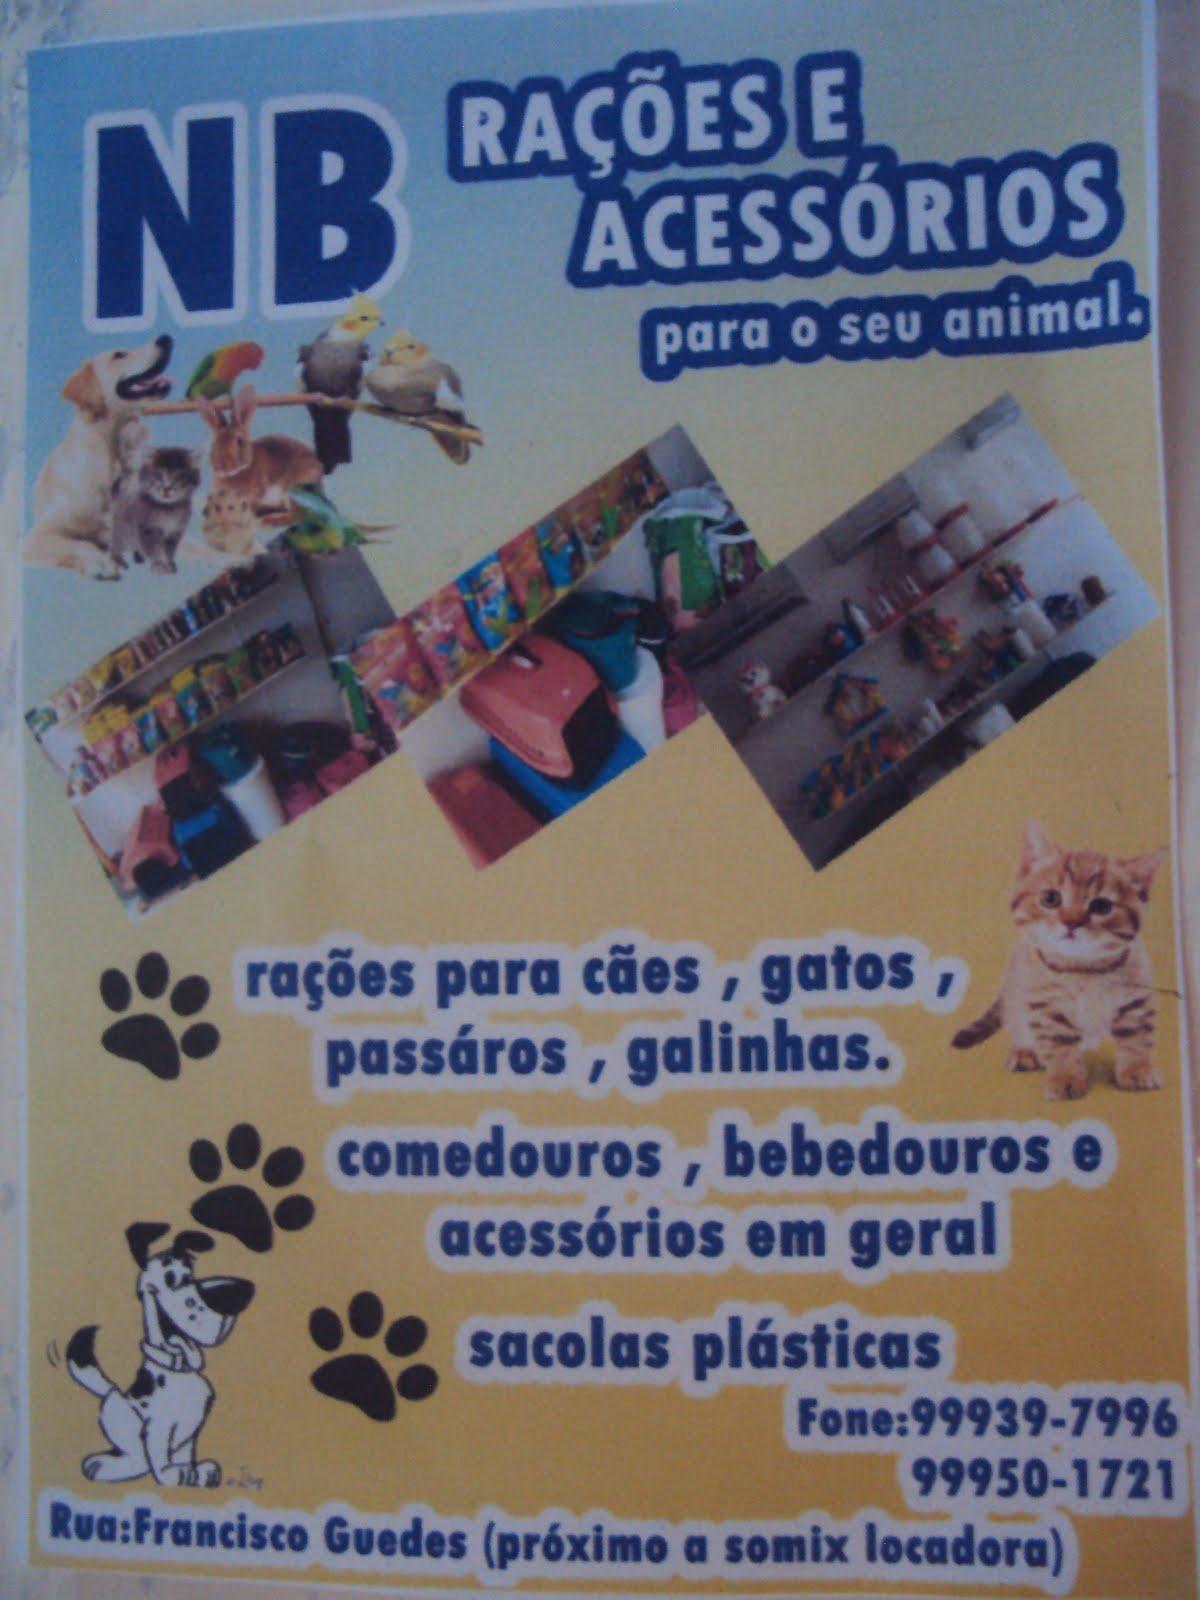 Em Mari/PB, você tem NB Rações para animais, a loja mais barata da cidade